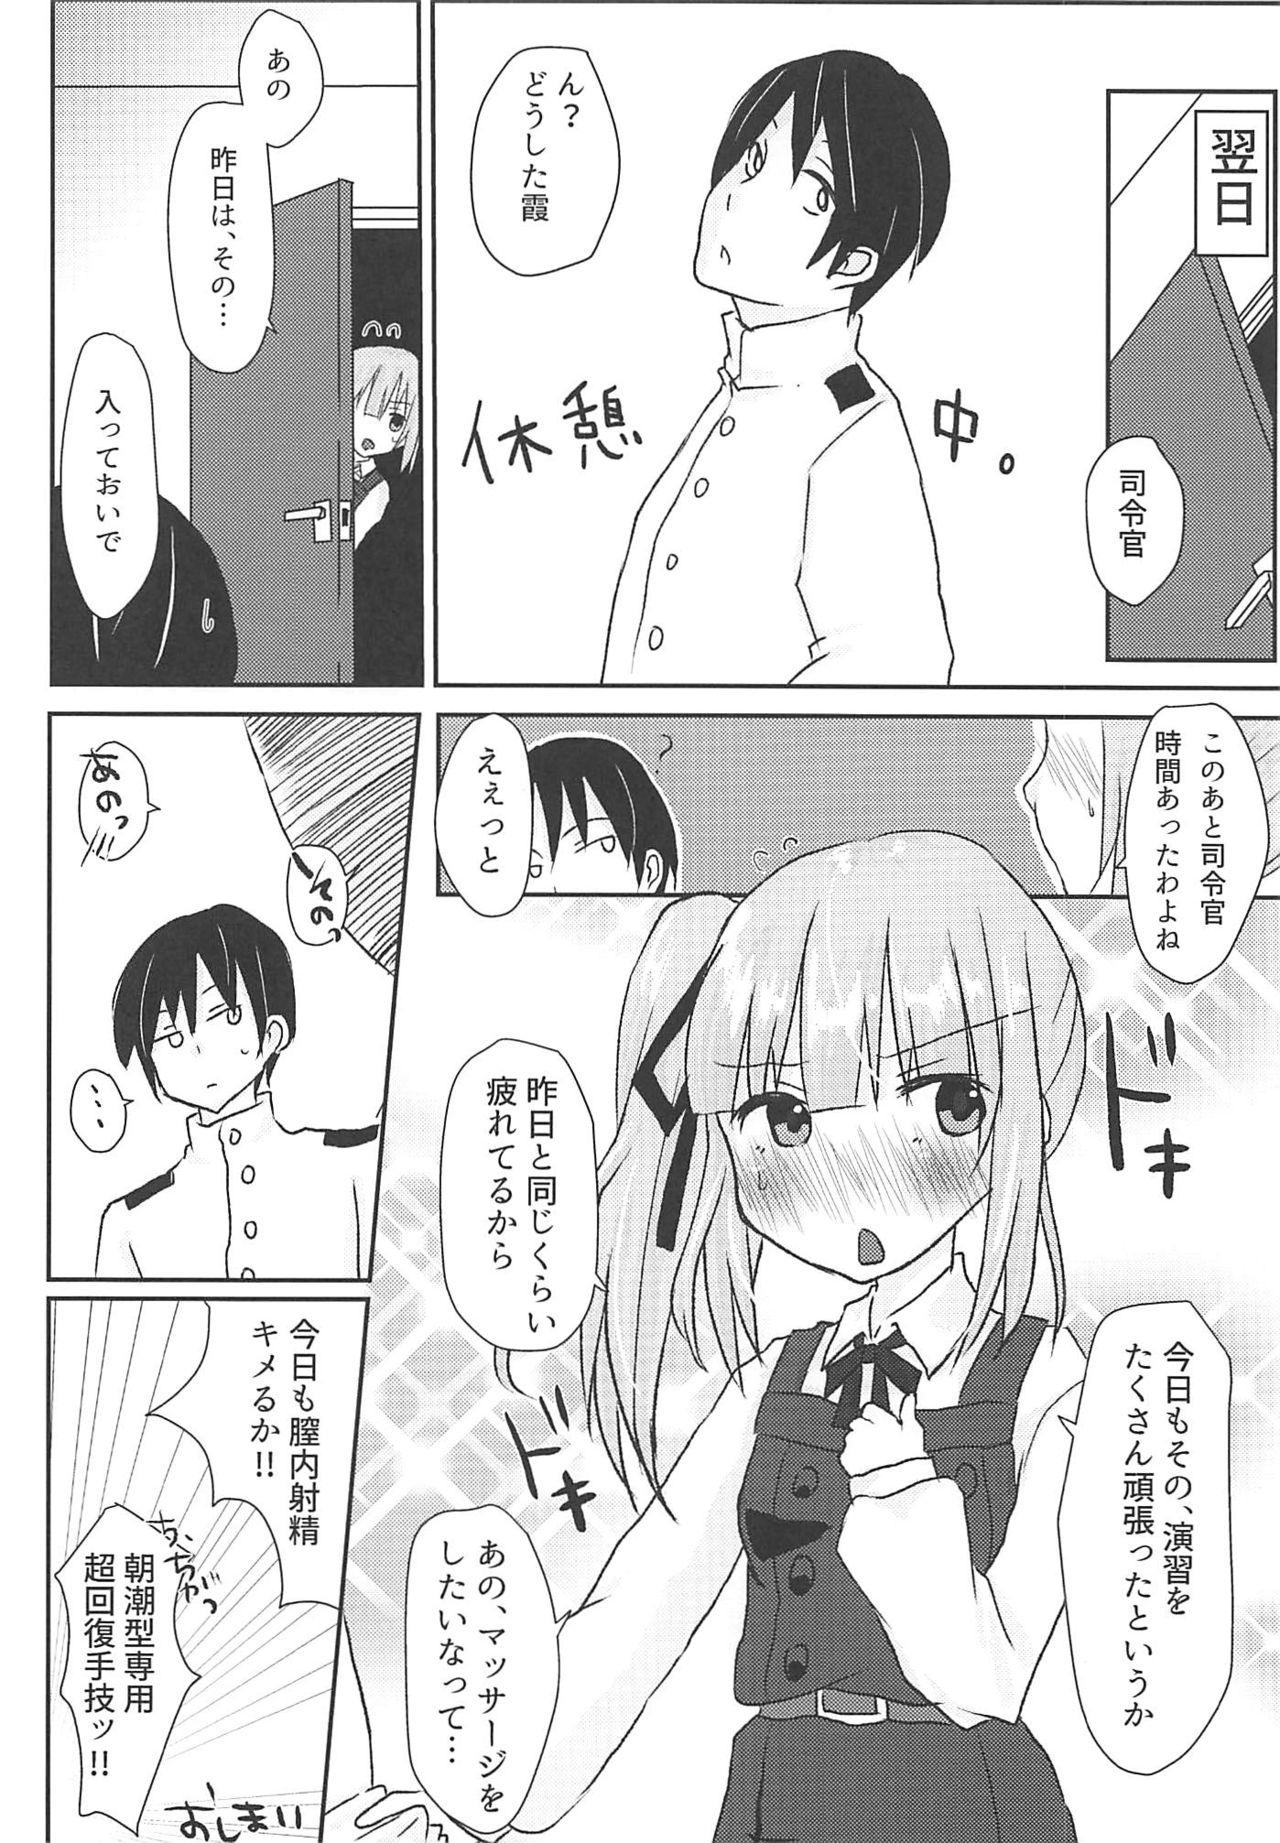 Datte Kore wa Asashio-gata Senyou Chou Massage dakara Hazukashiku nanka Naittaraa! 18